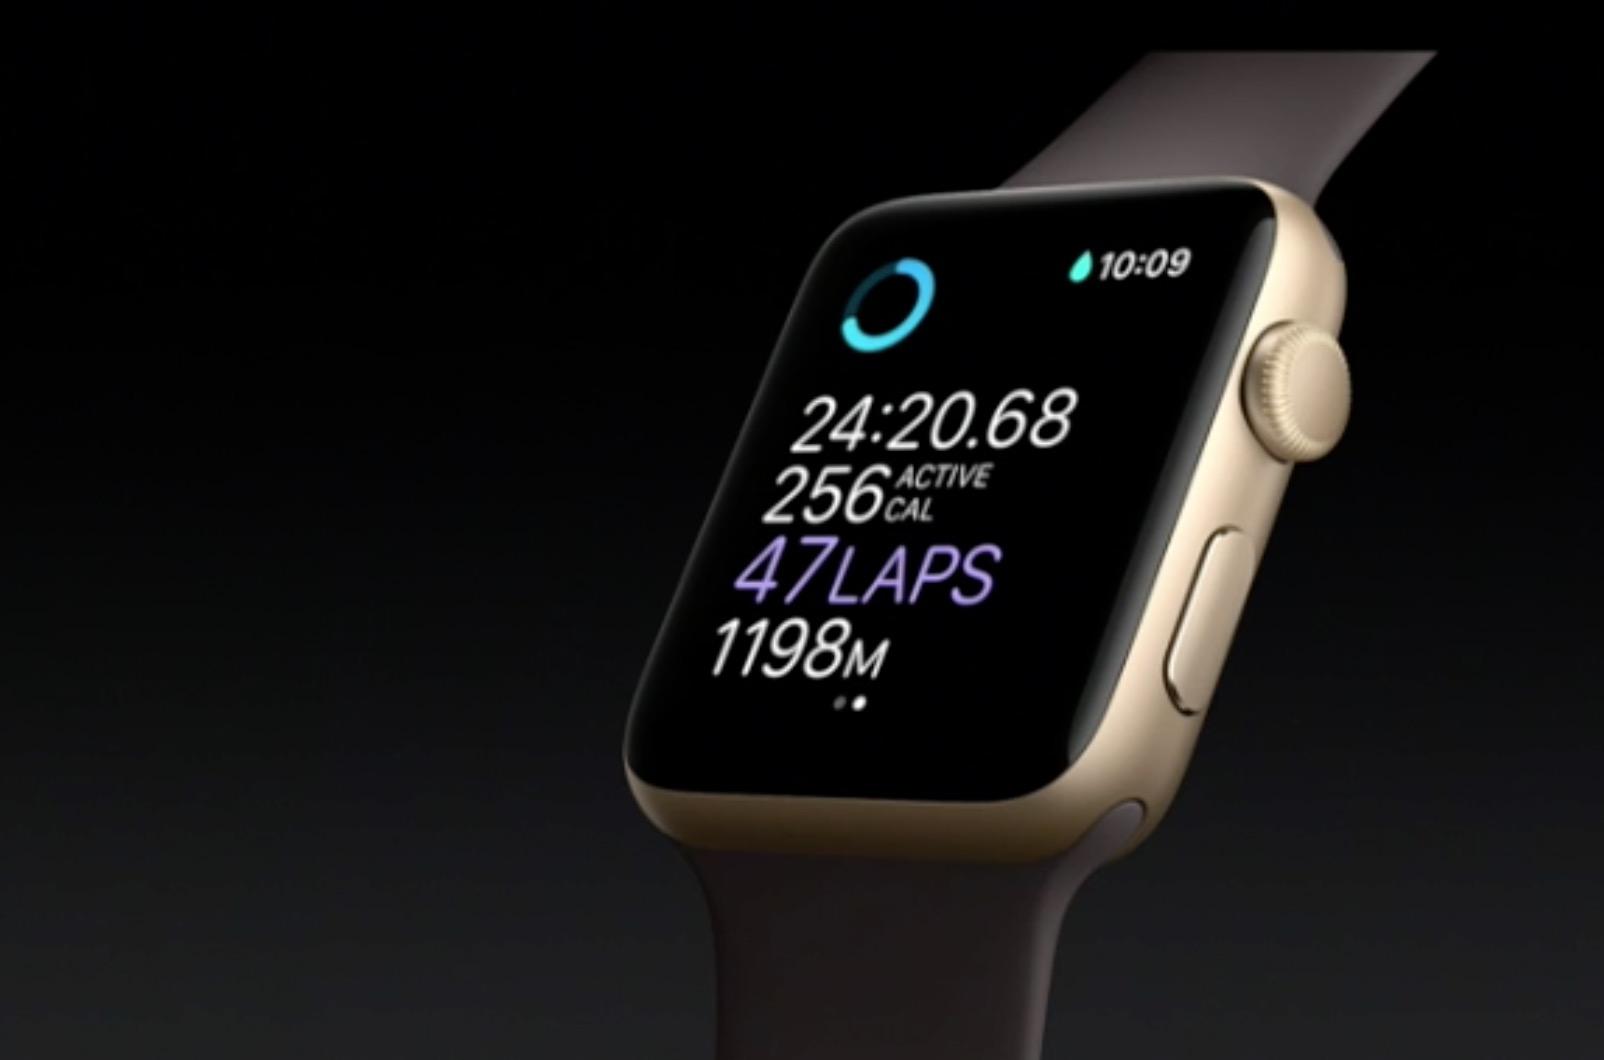 Apple Watch 2 design